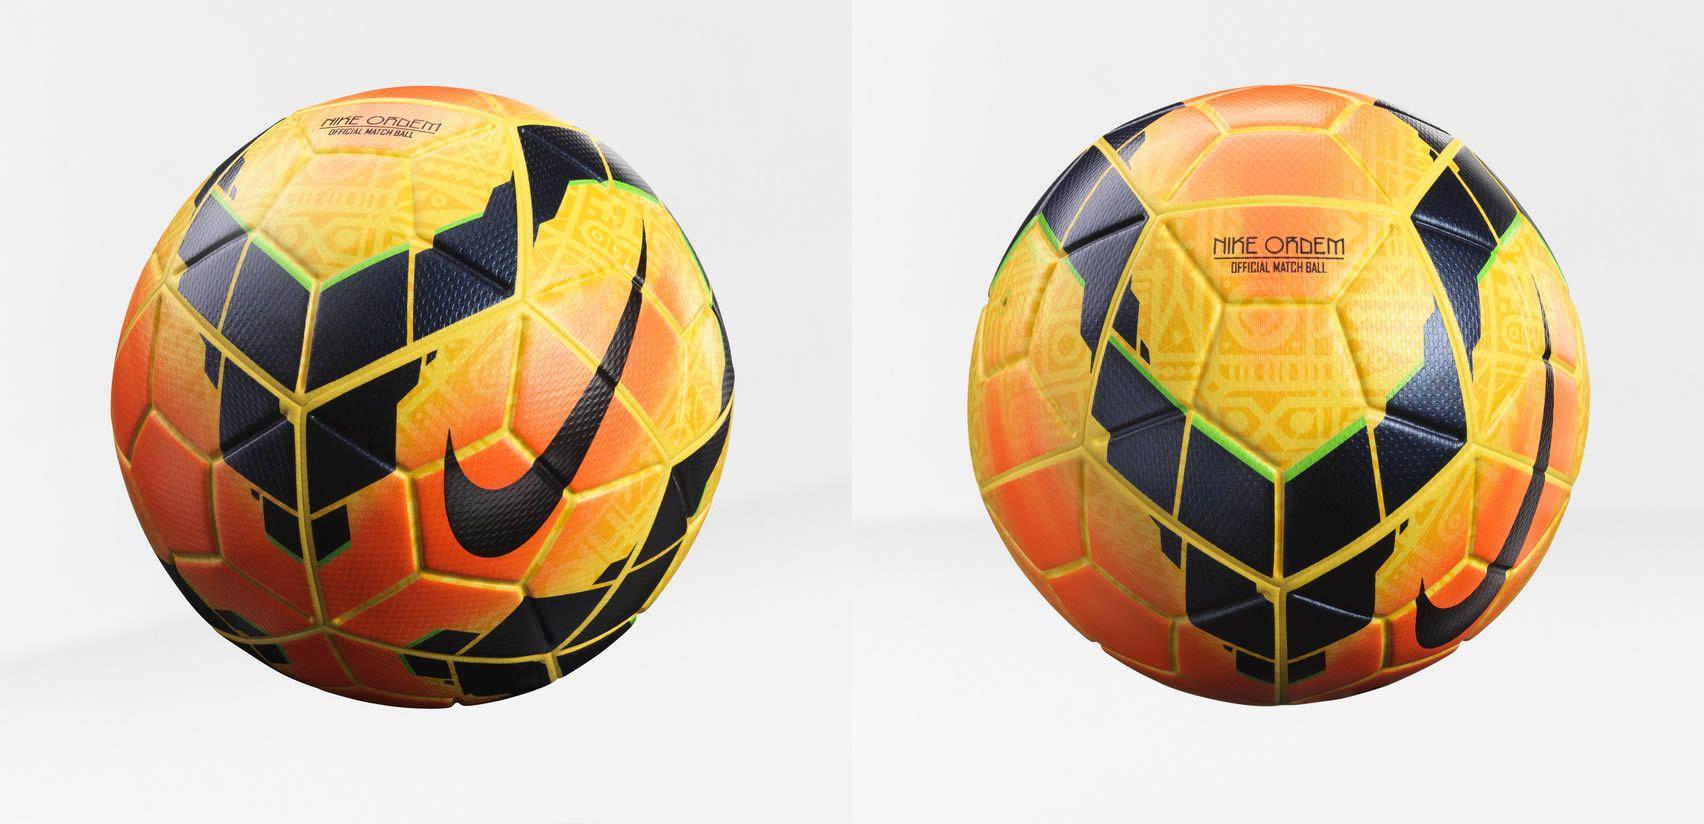 Asi es el nuevo balón Nike Ordem